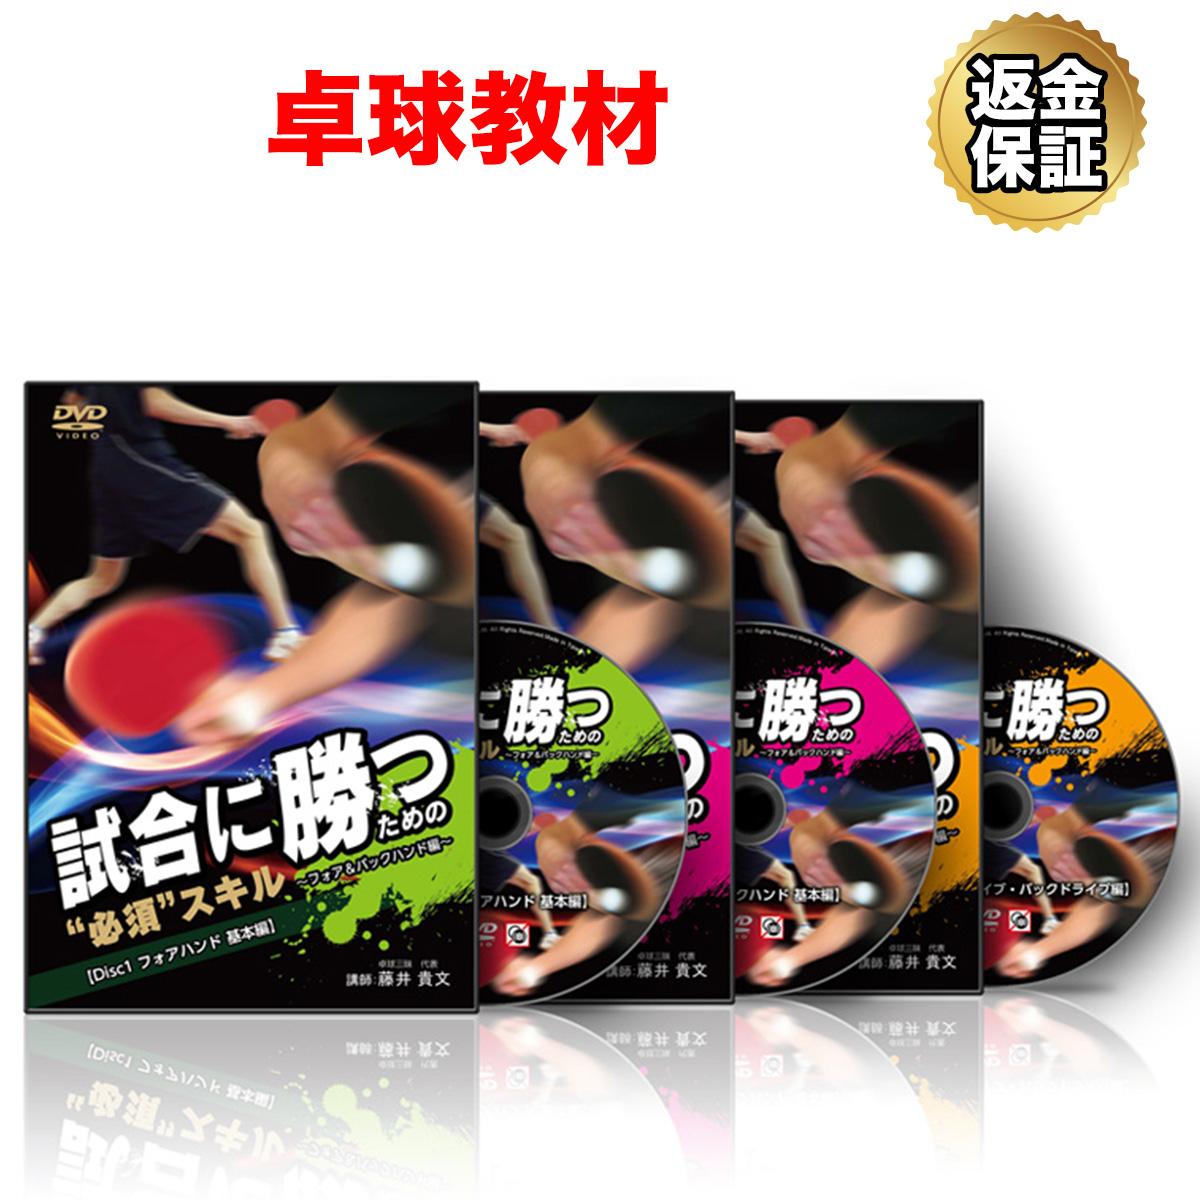 卓球 DVD 試合に勝つための必須スキル~フォア 卓球&バックハンド編~ DVD フルセット, ホンヤバケイマチ:a0fdfe7b --- ww.thecollagist.com